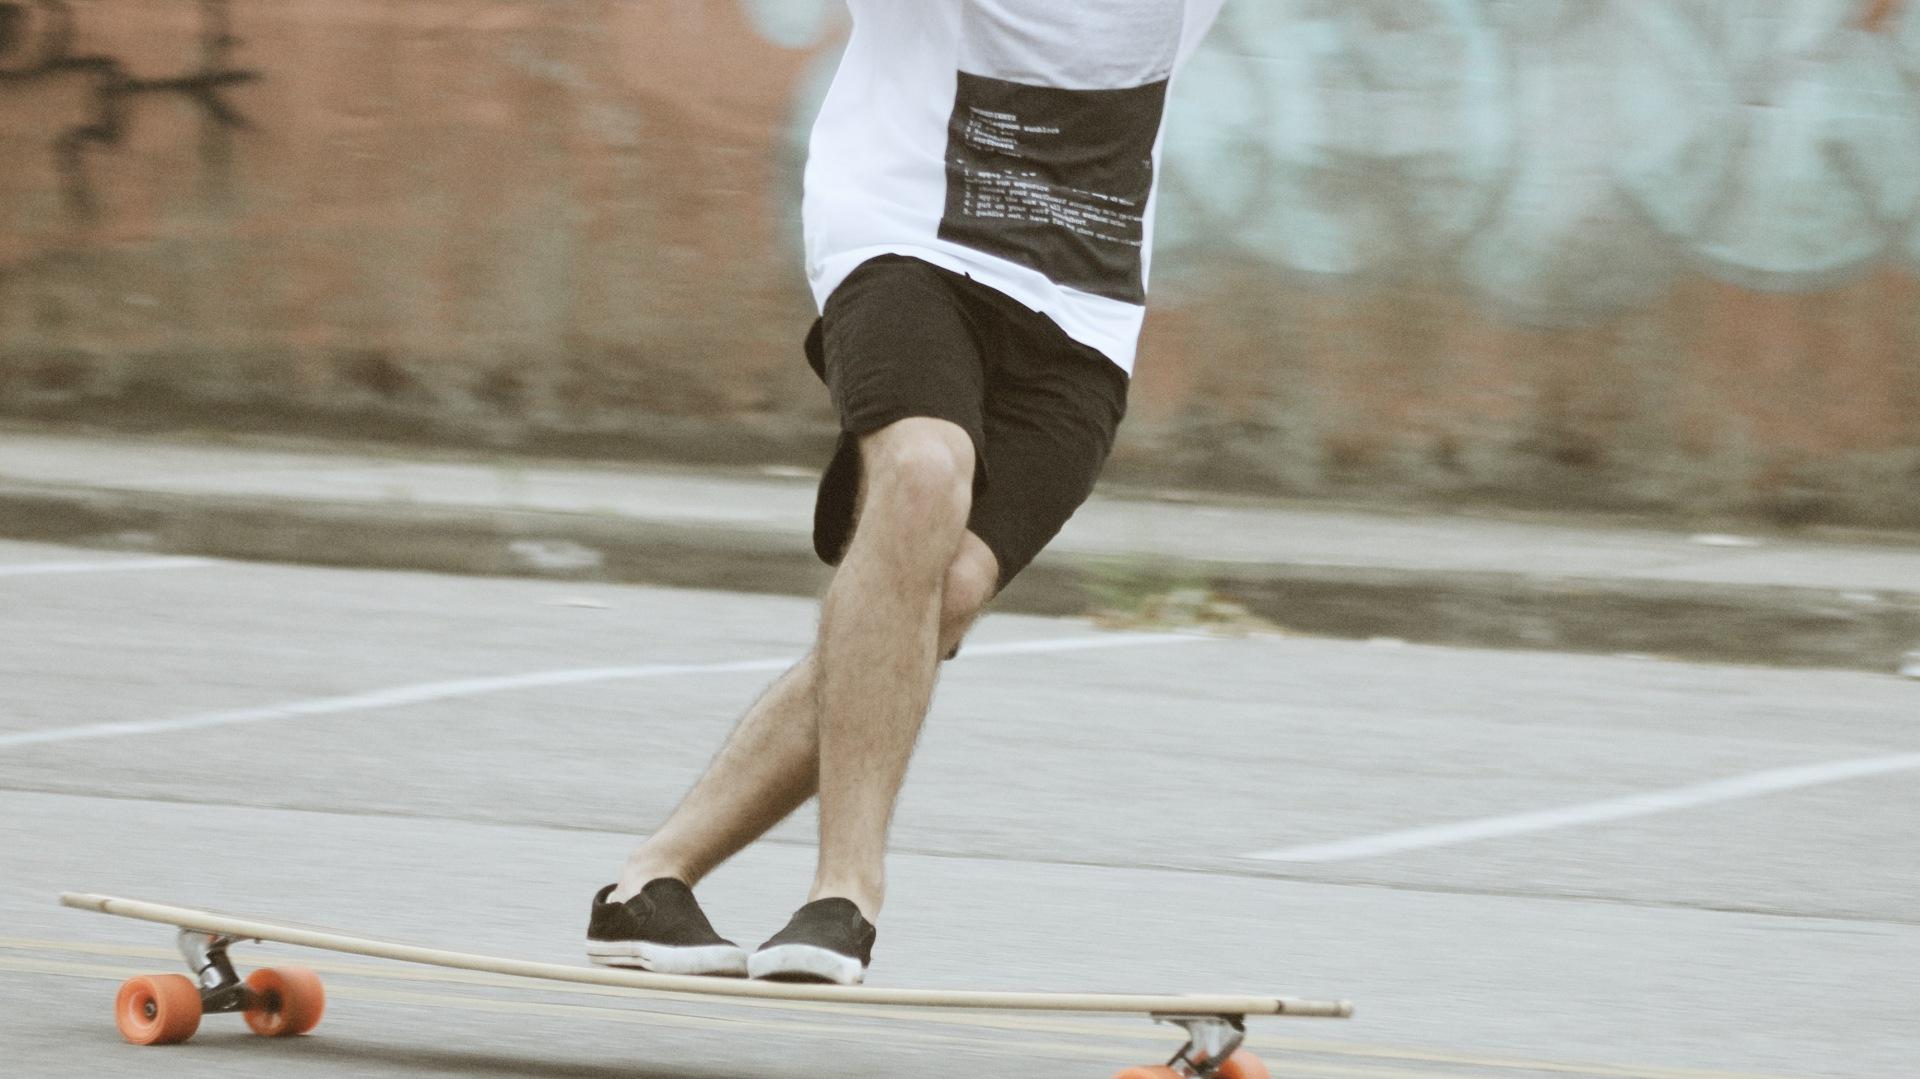 Fabio-skate-longboard-60-siebert-surfboards